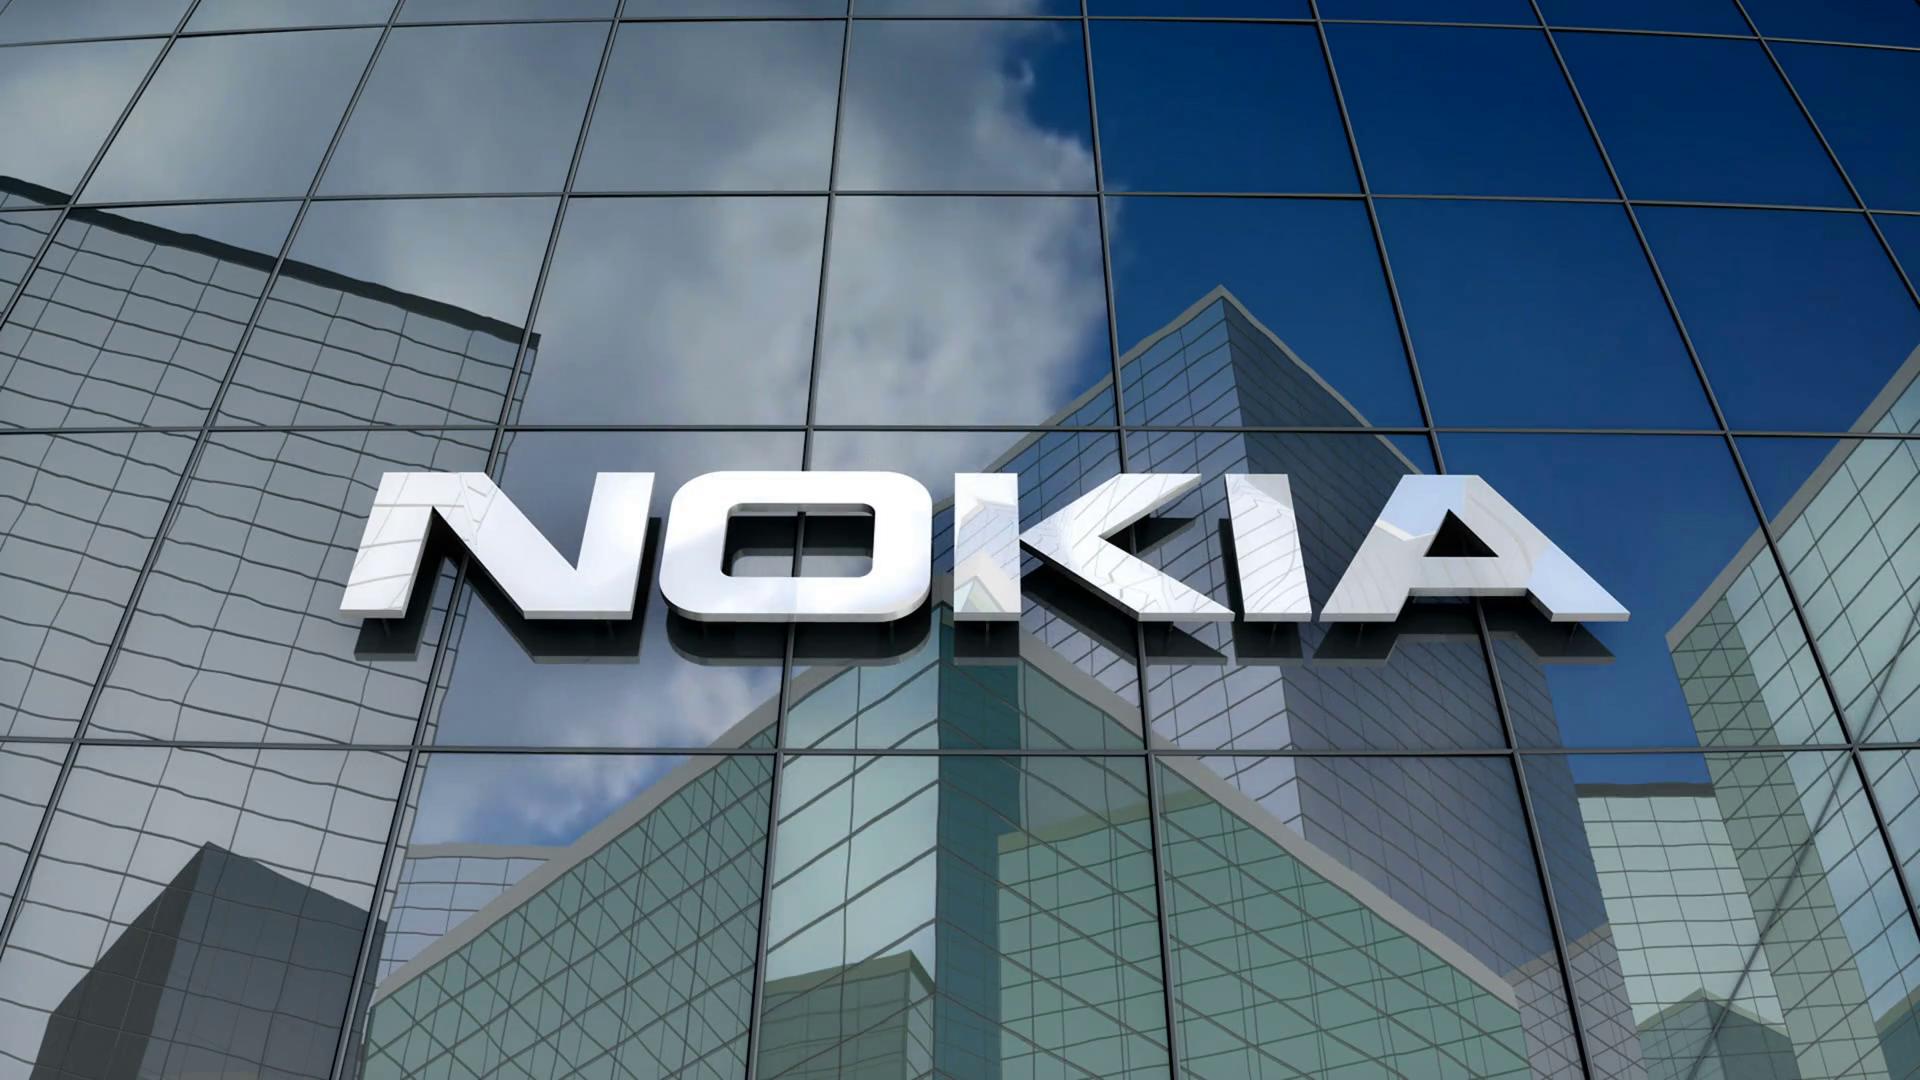 Presentación de Nokia 9 PureView se retrasará nuevamente 2